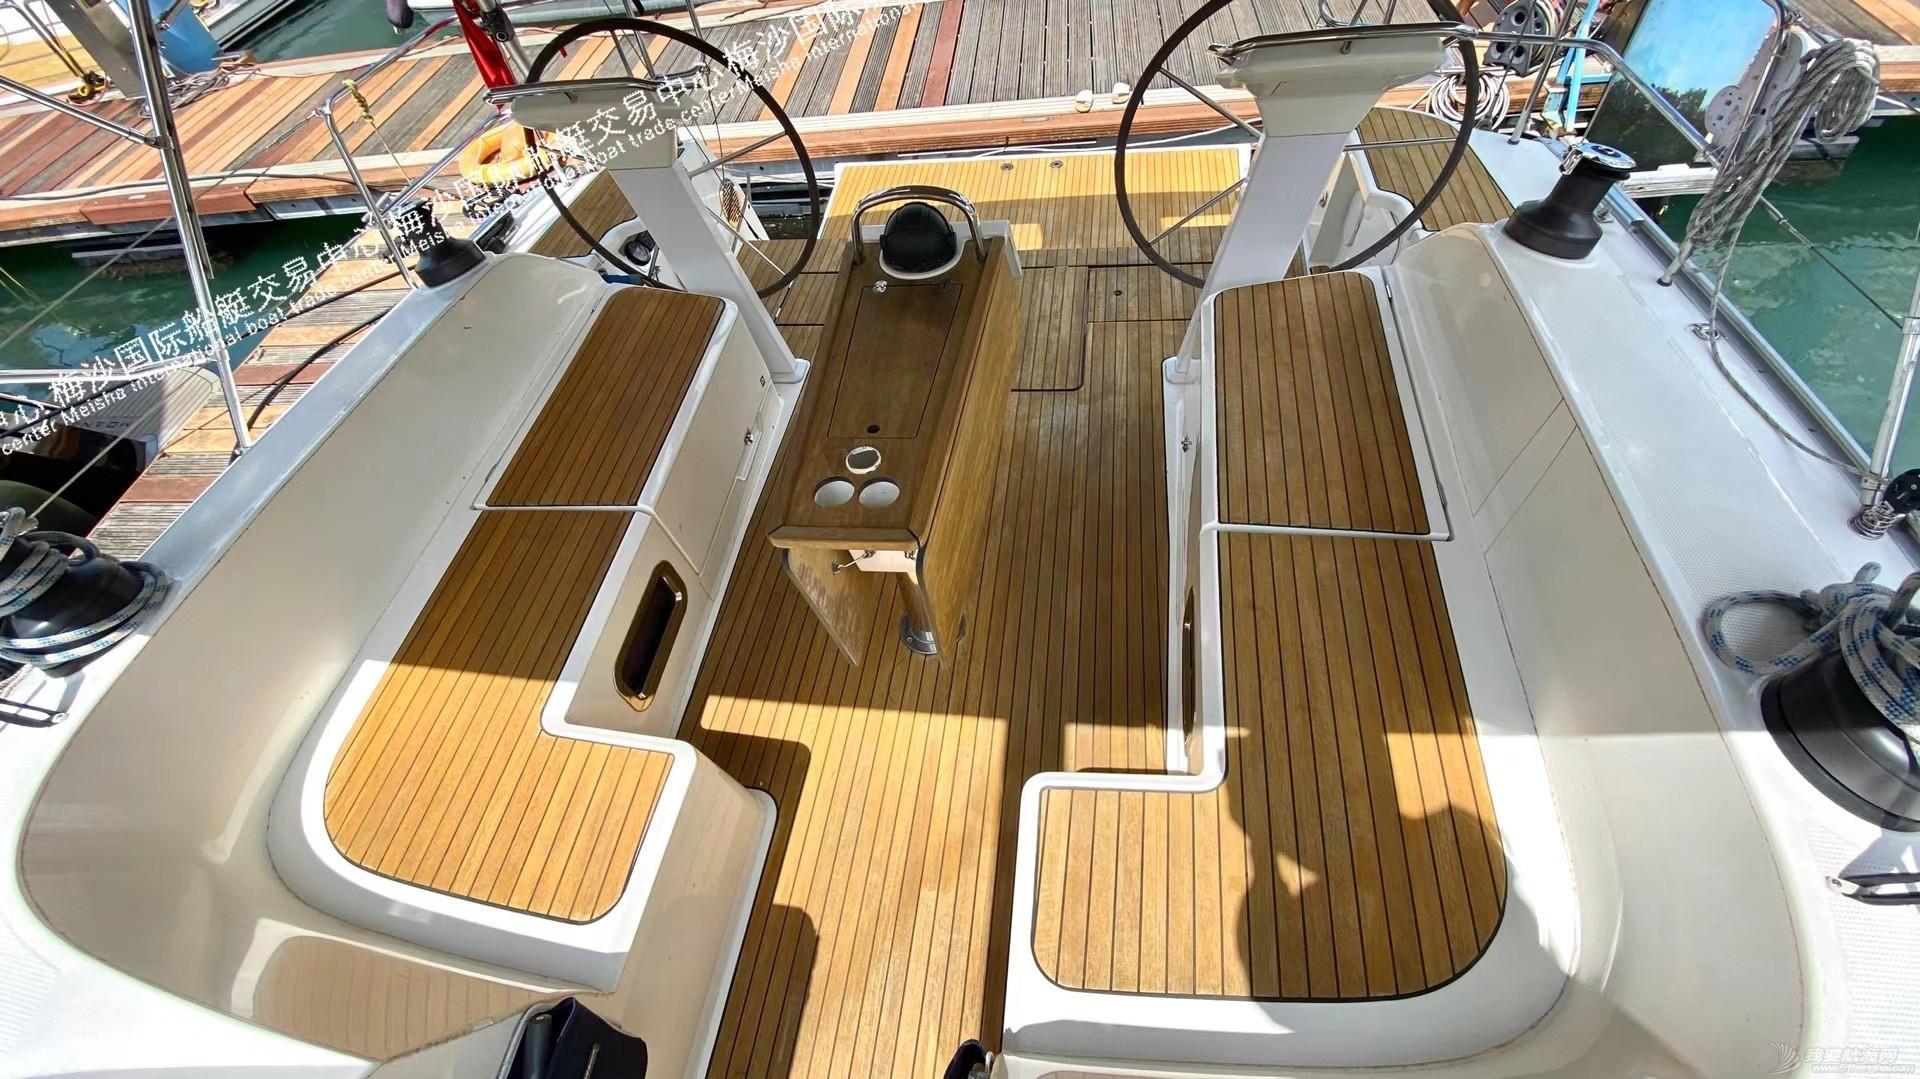 2016年产德国进口46尺帆船出售